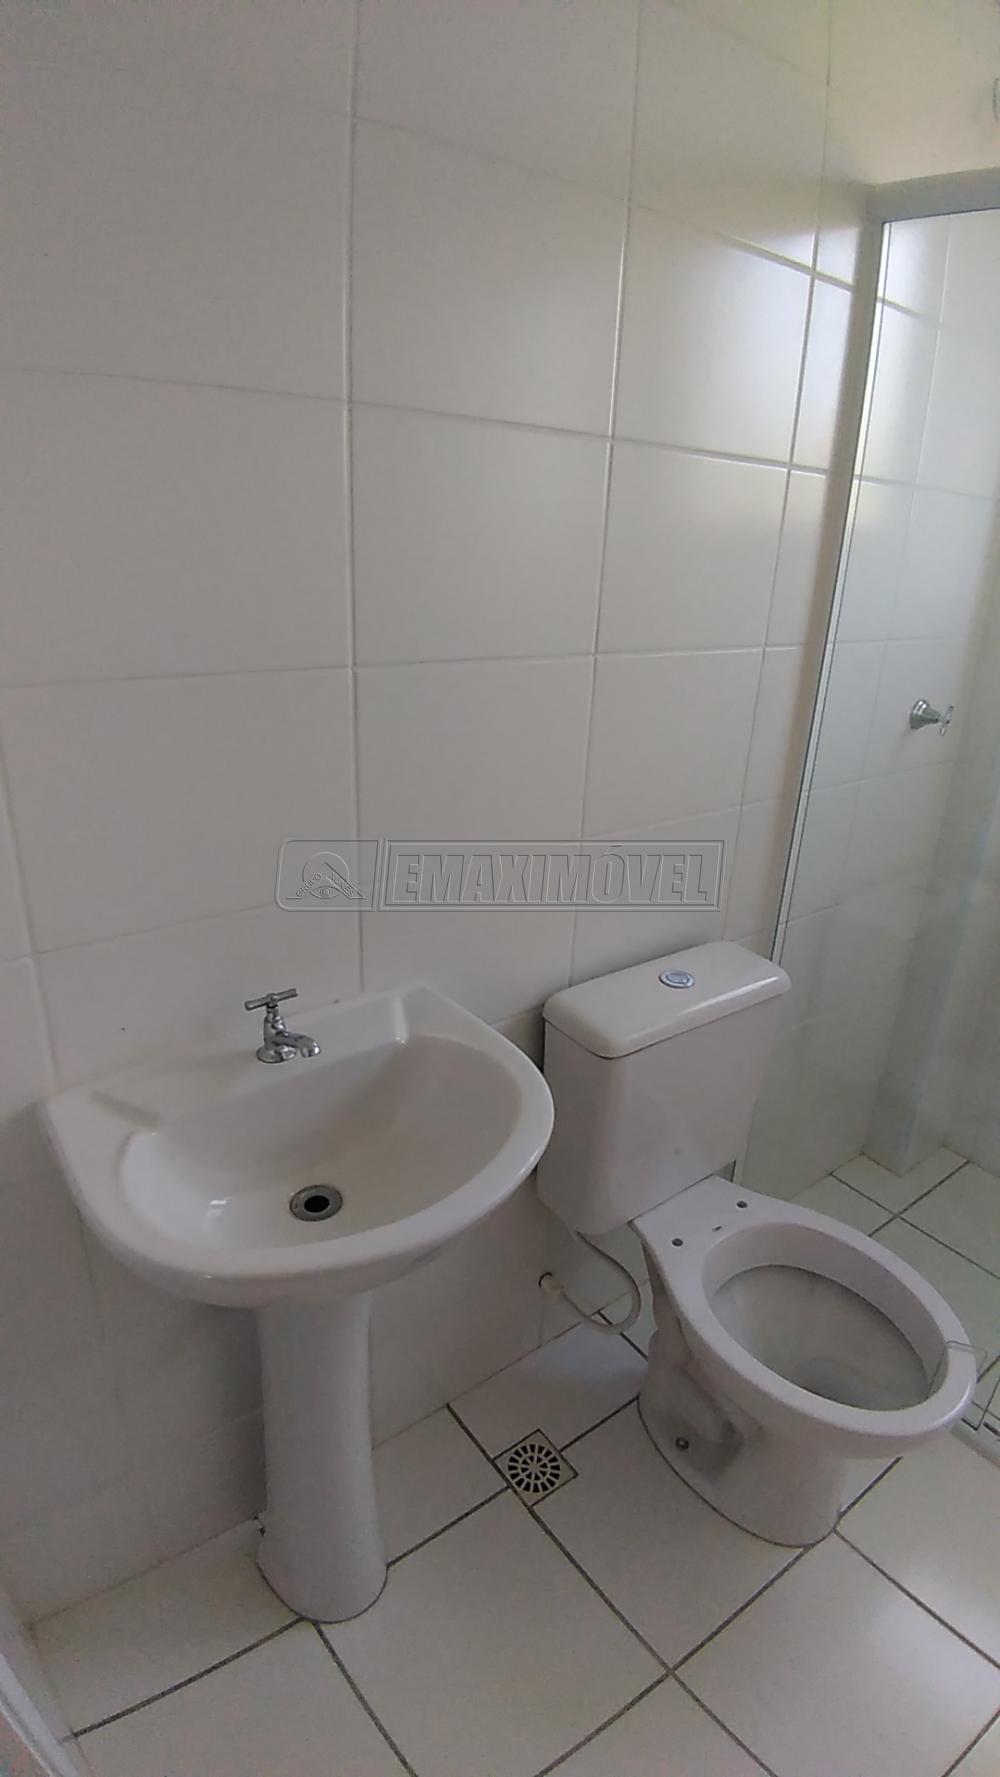 Alugar Apartamento / Padrão em Sorocaba R$ 500,00 - Foto 7